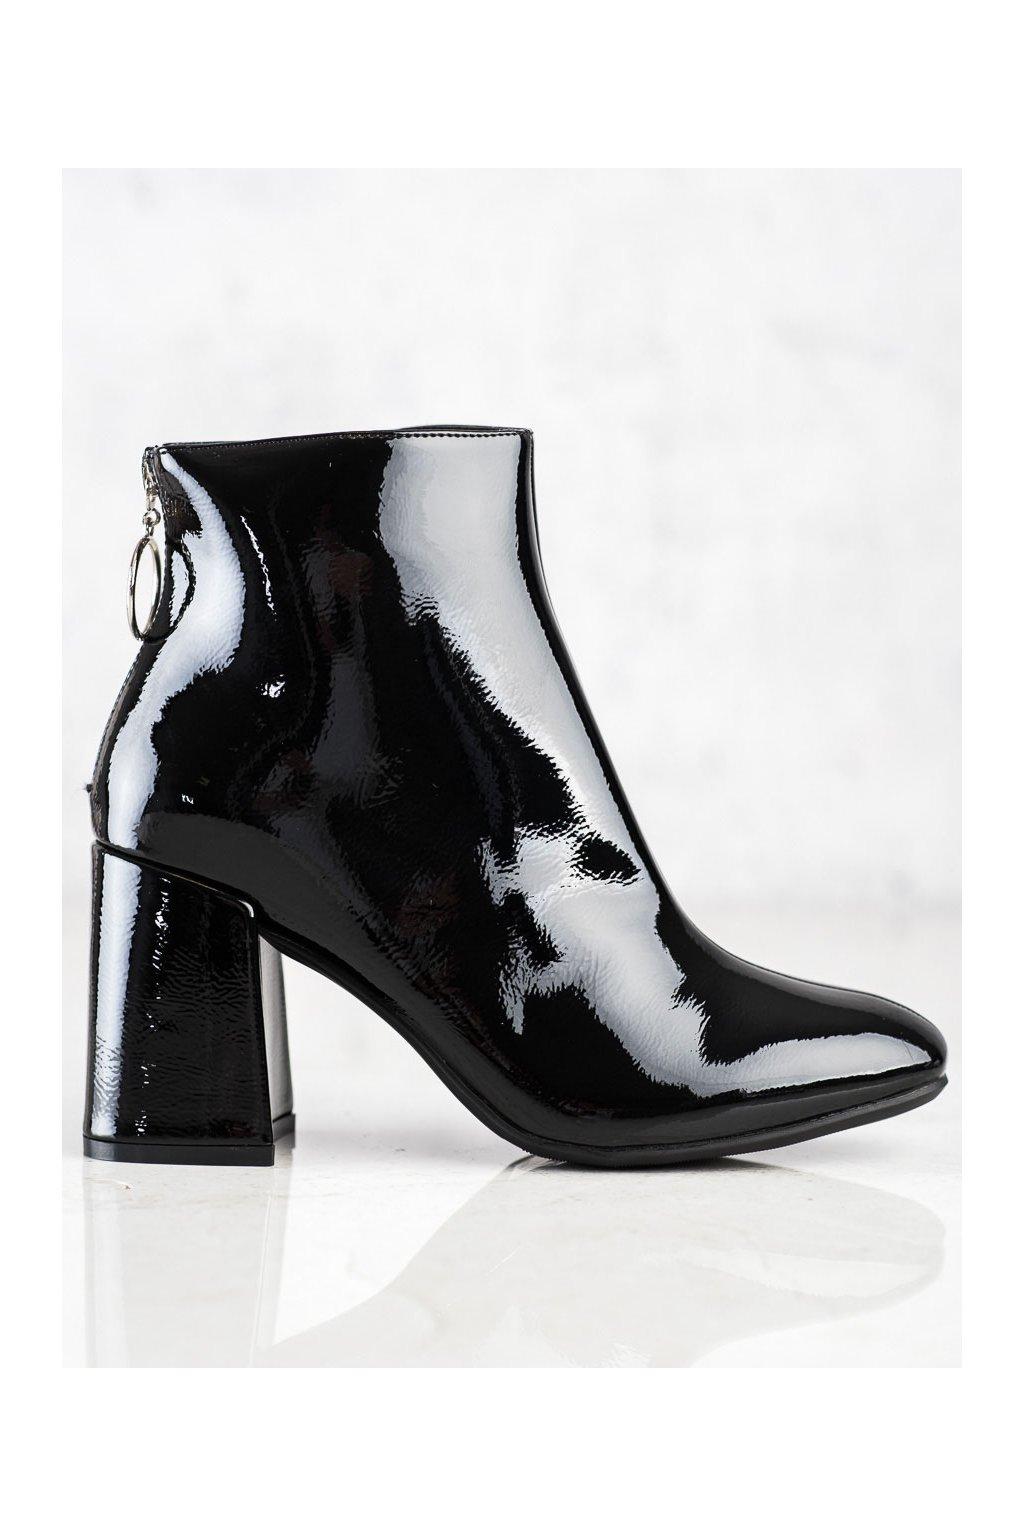 Čierne dámske topánky Lucky shoes kod A-323B